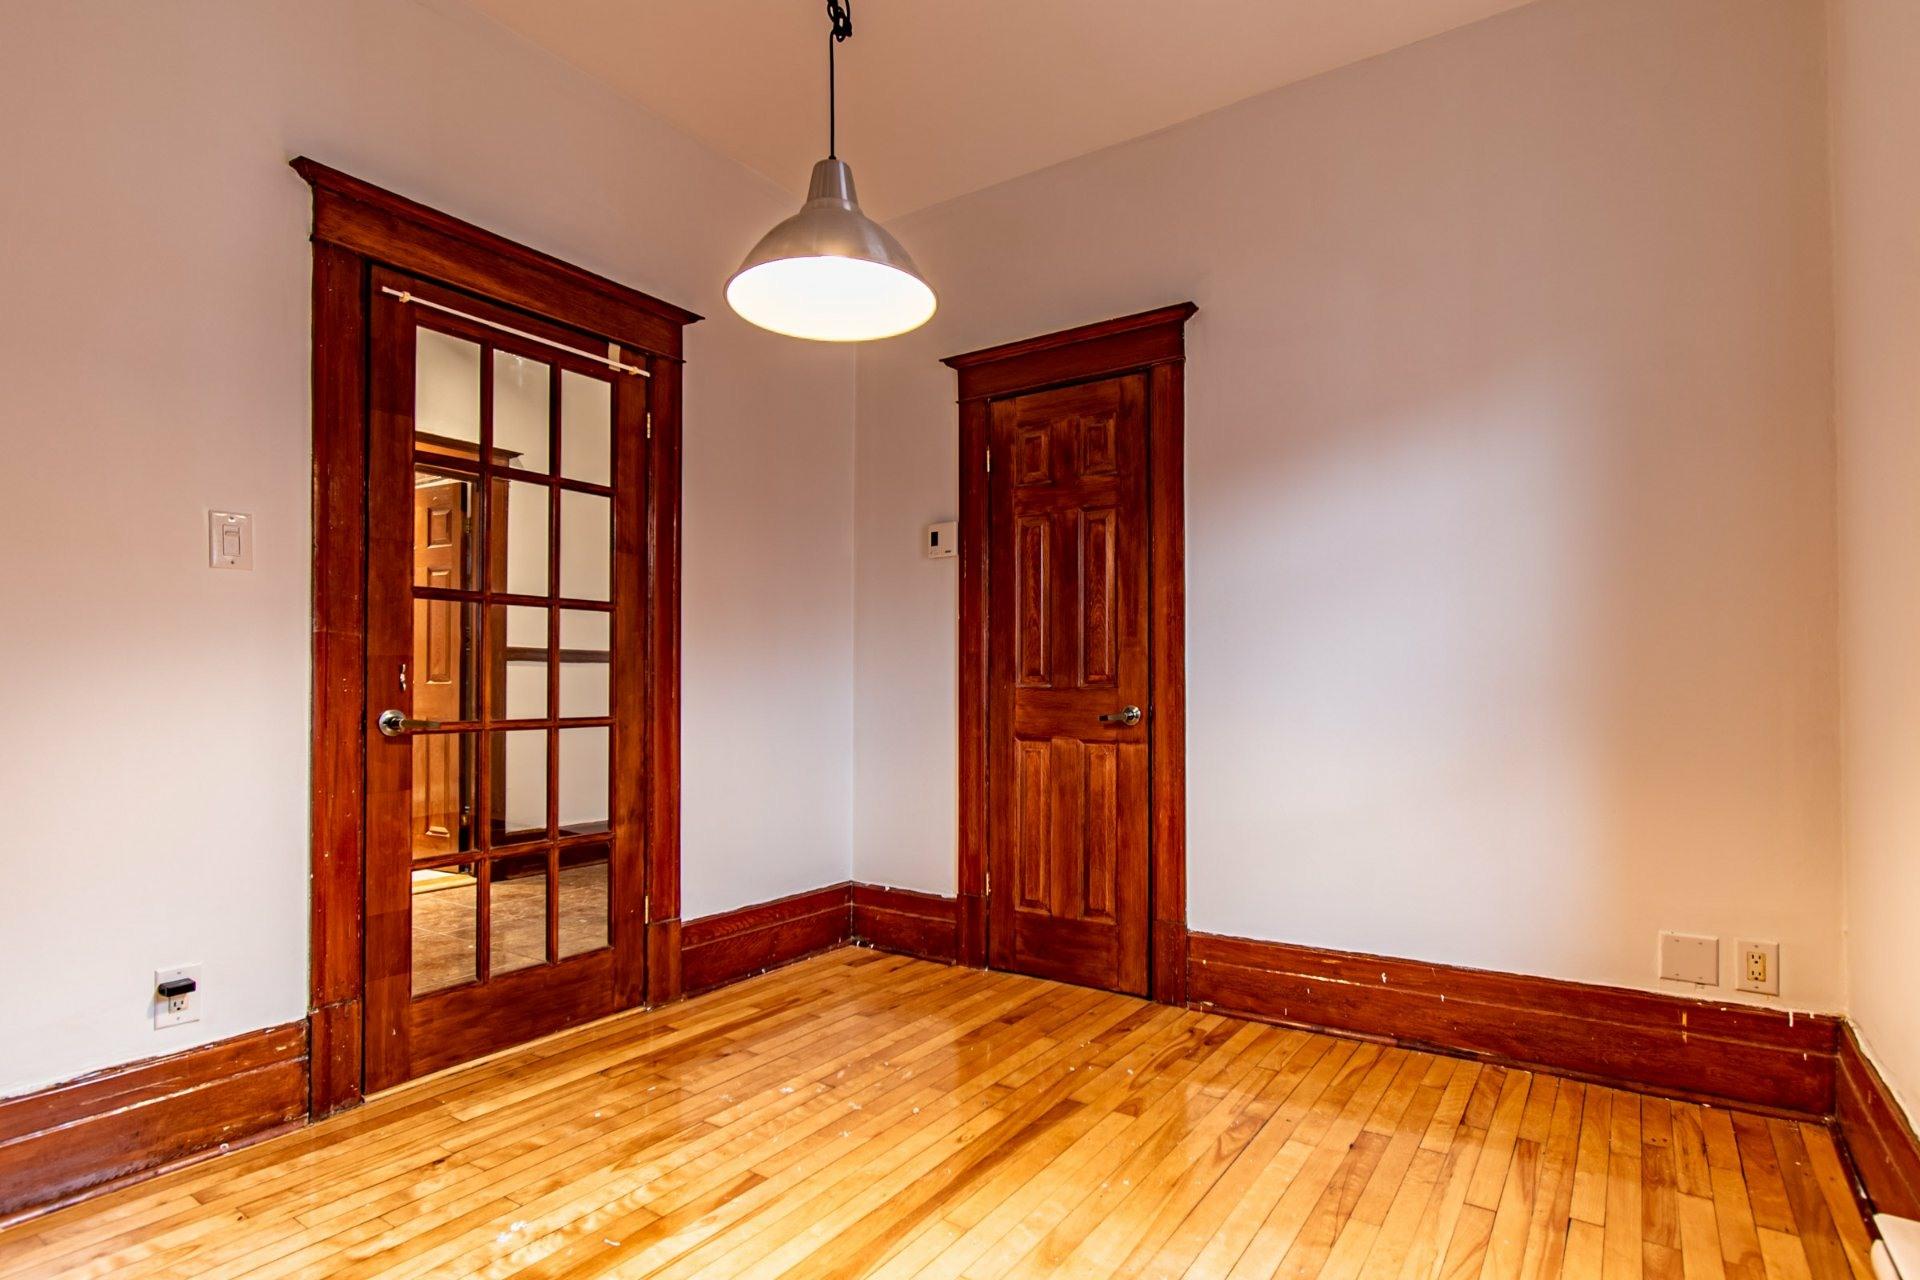 image 26 - Appartement À vendre Mercier/Hochelaga-Maisonneuve Montréal  - 5 pièces